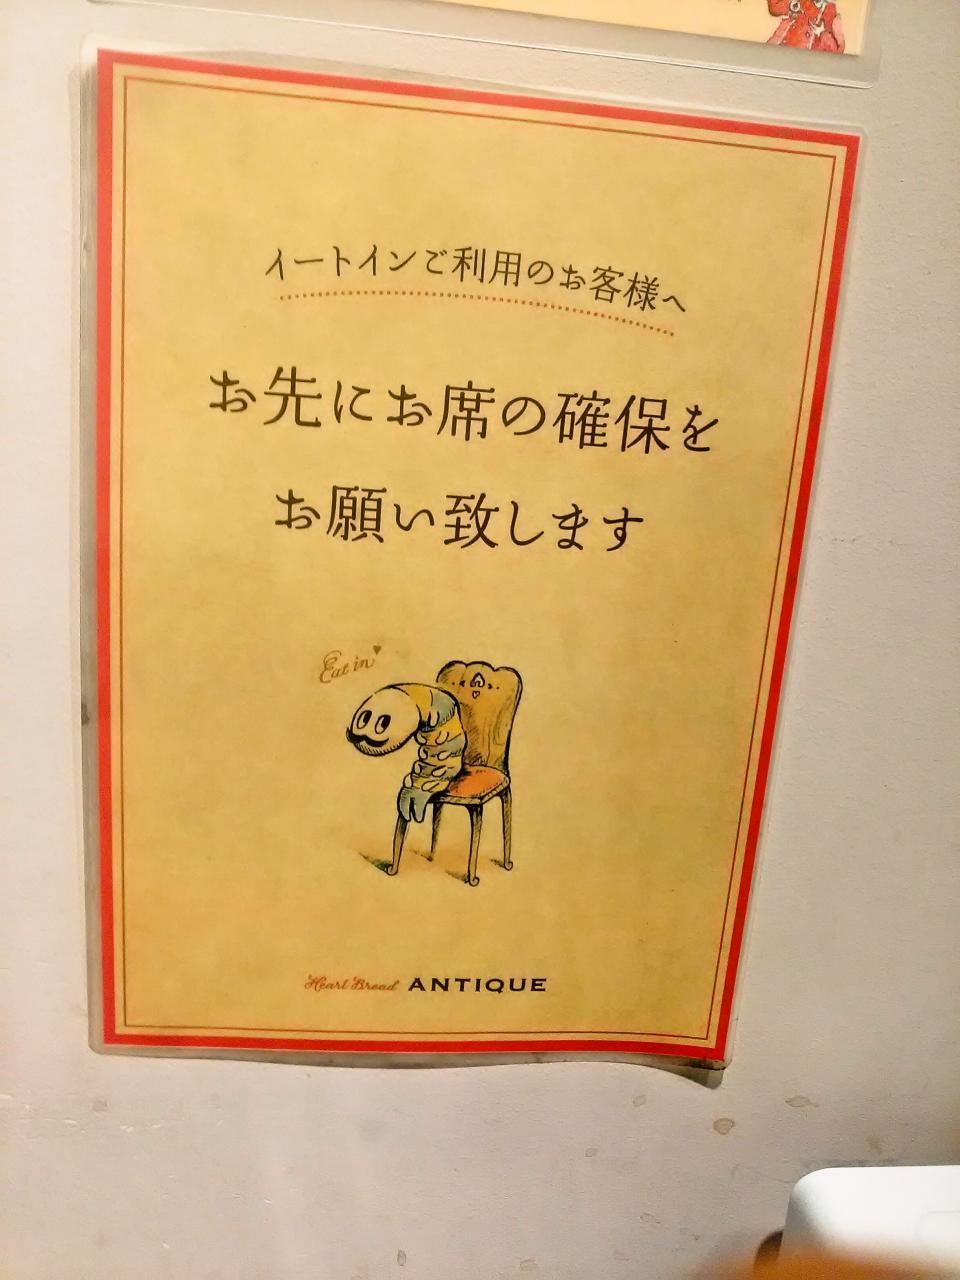 ハートブレットアンティーク町田店(店内)